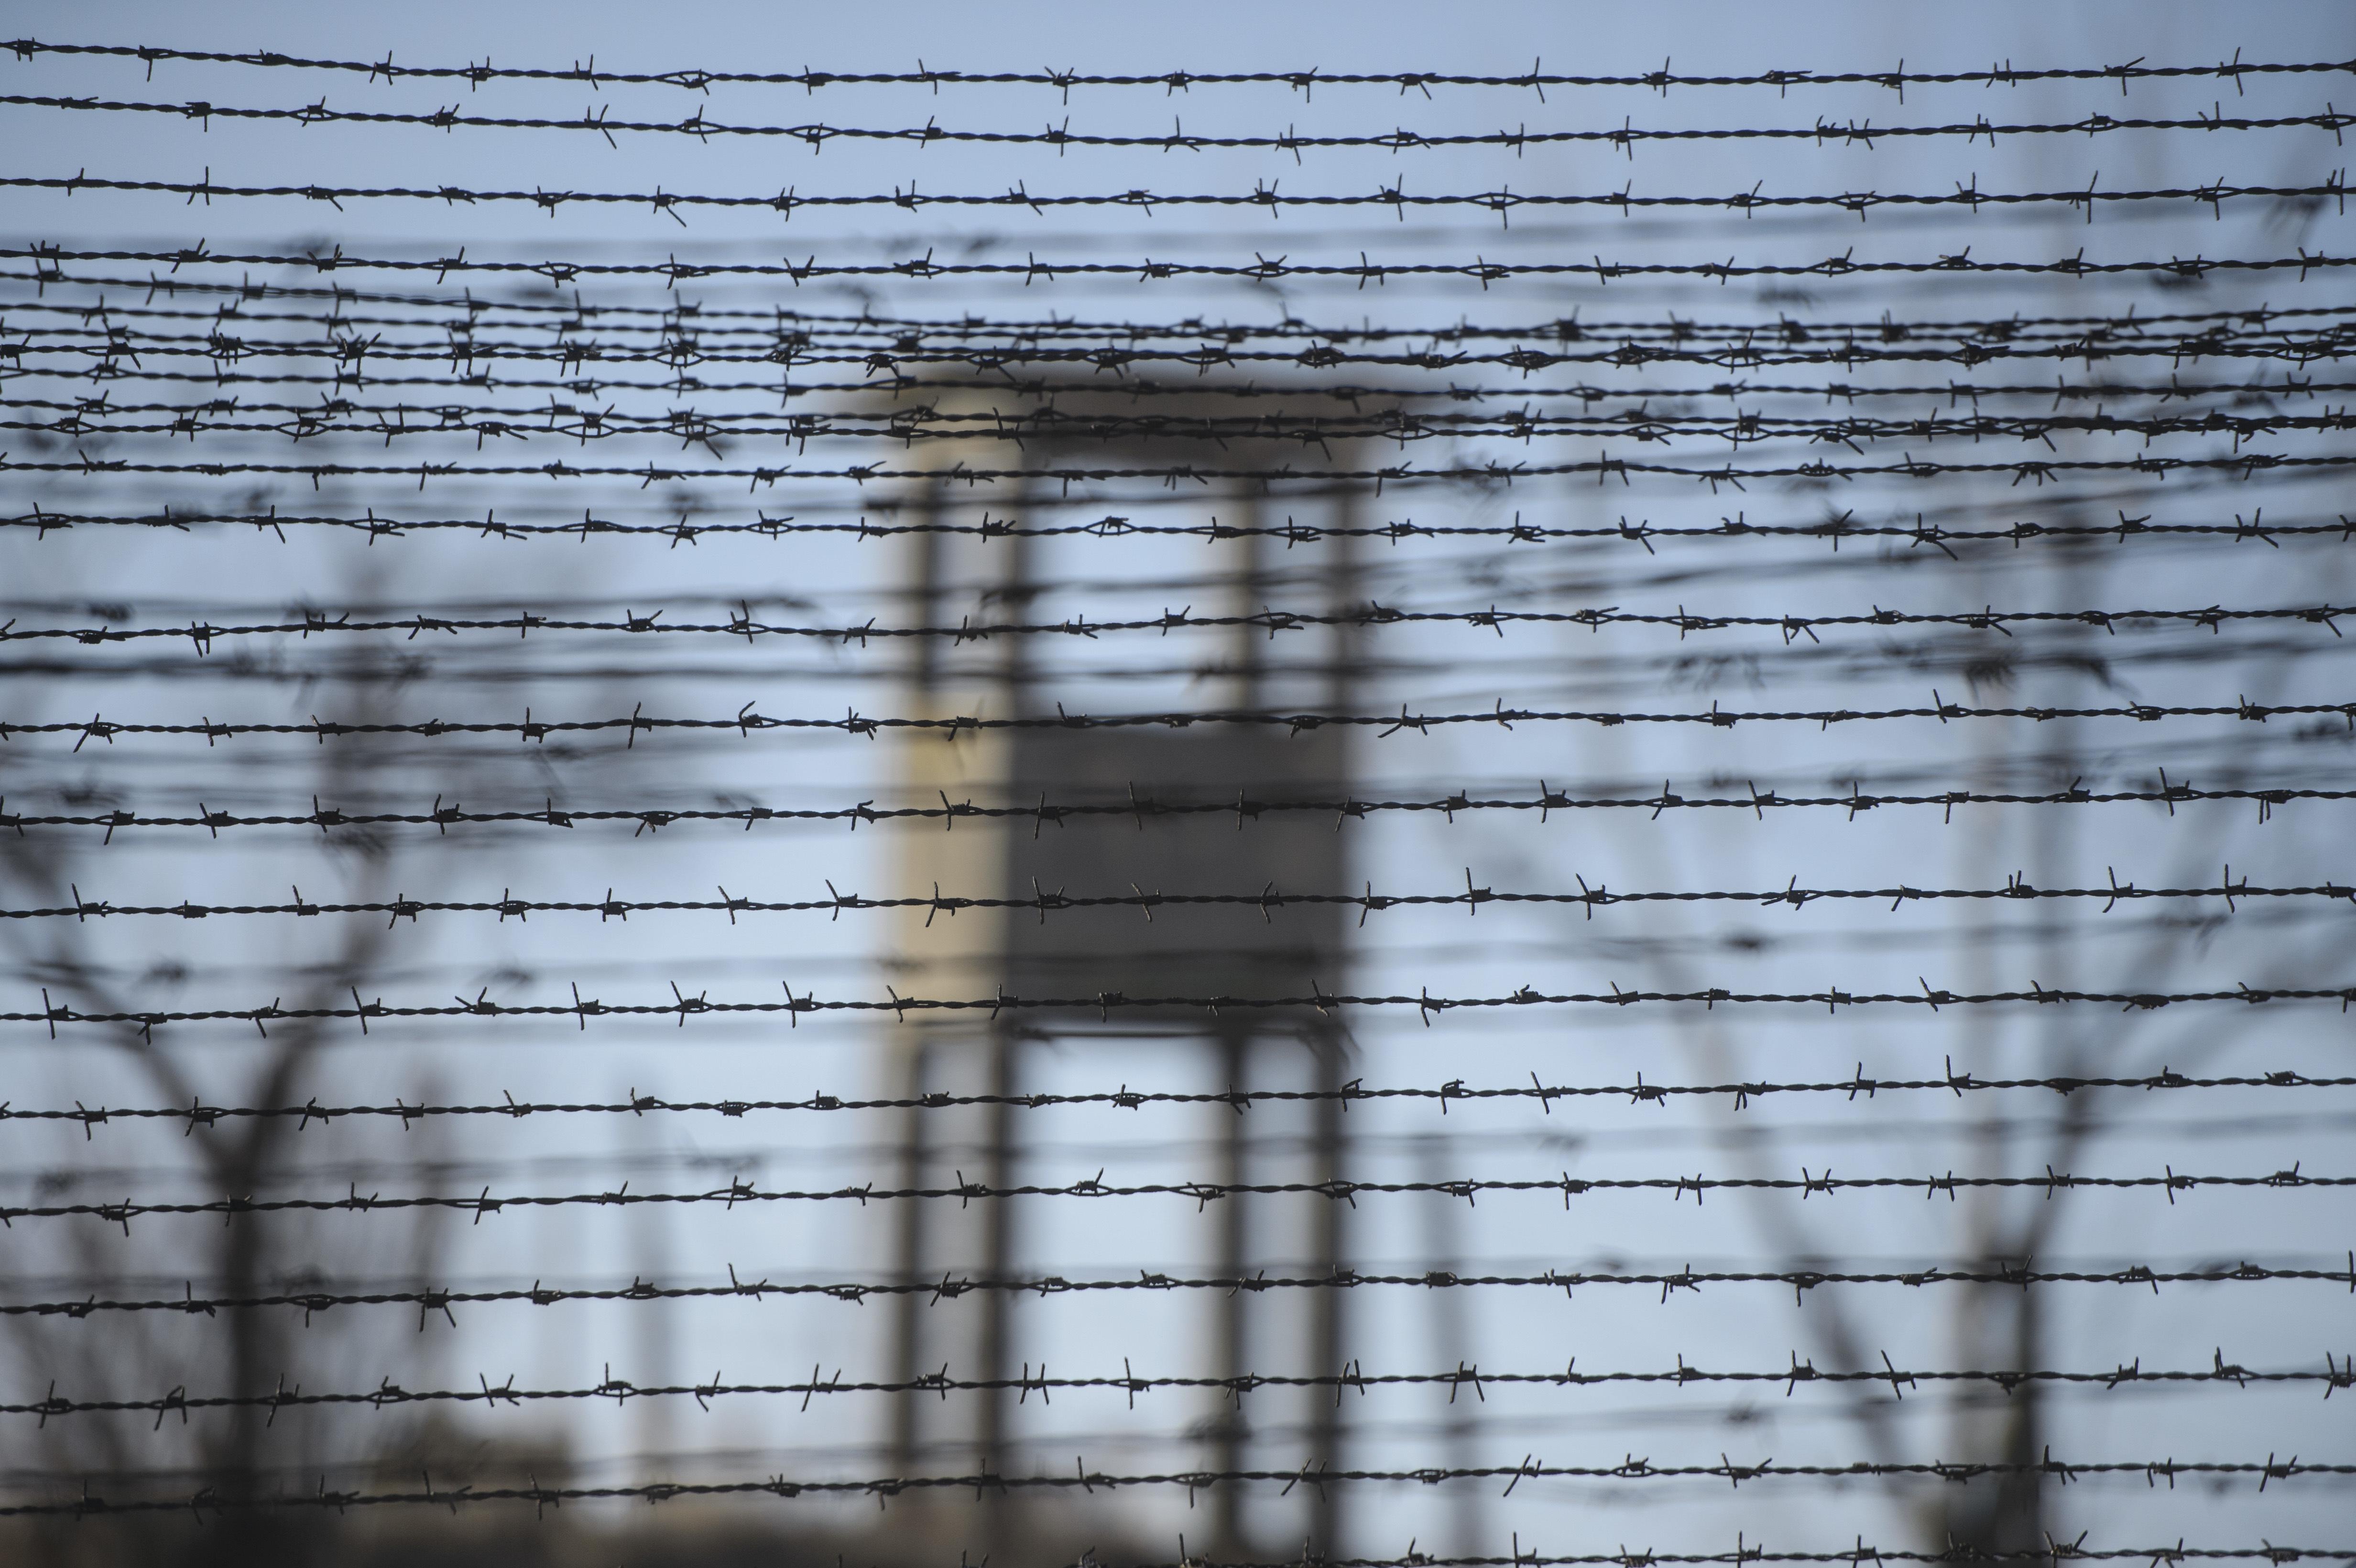 Ministrul Justiţiei: Am cerut hotărârile de amânare a eliberării condiţionate pentru toţi deţinuţii aflaţi în penitenciare